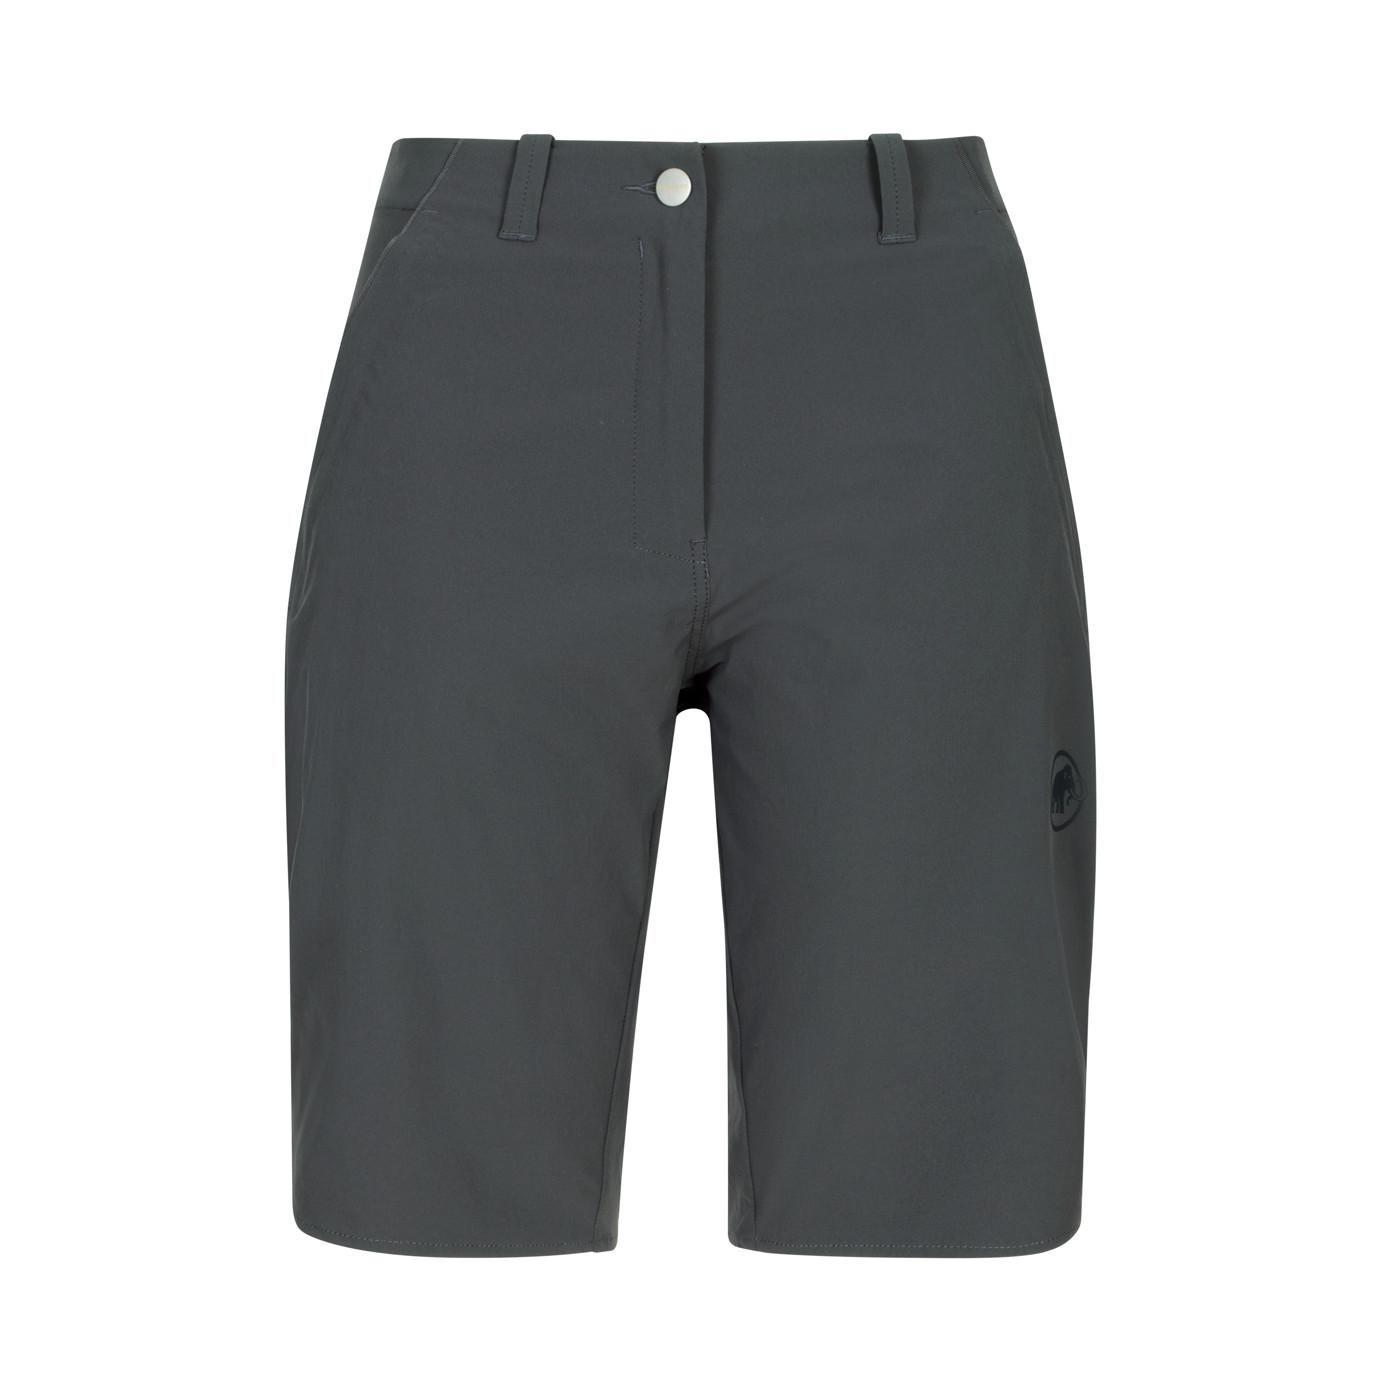 MAMMUT Runbold Shorts - Damen